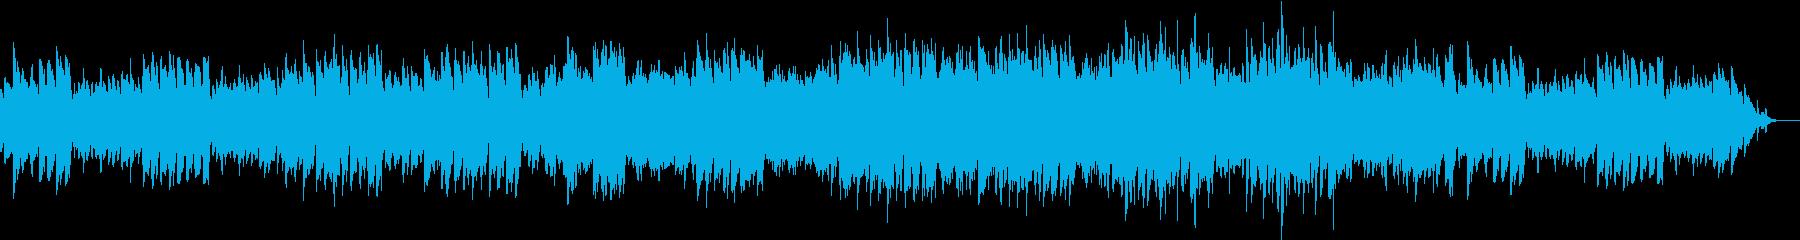 現代の交響曲 劇的な ファンタジー...の再生済みの波形